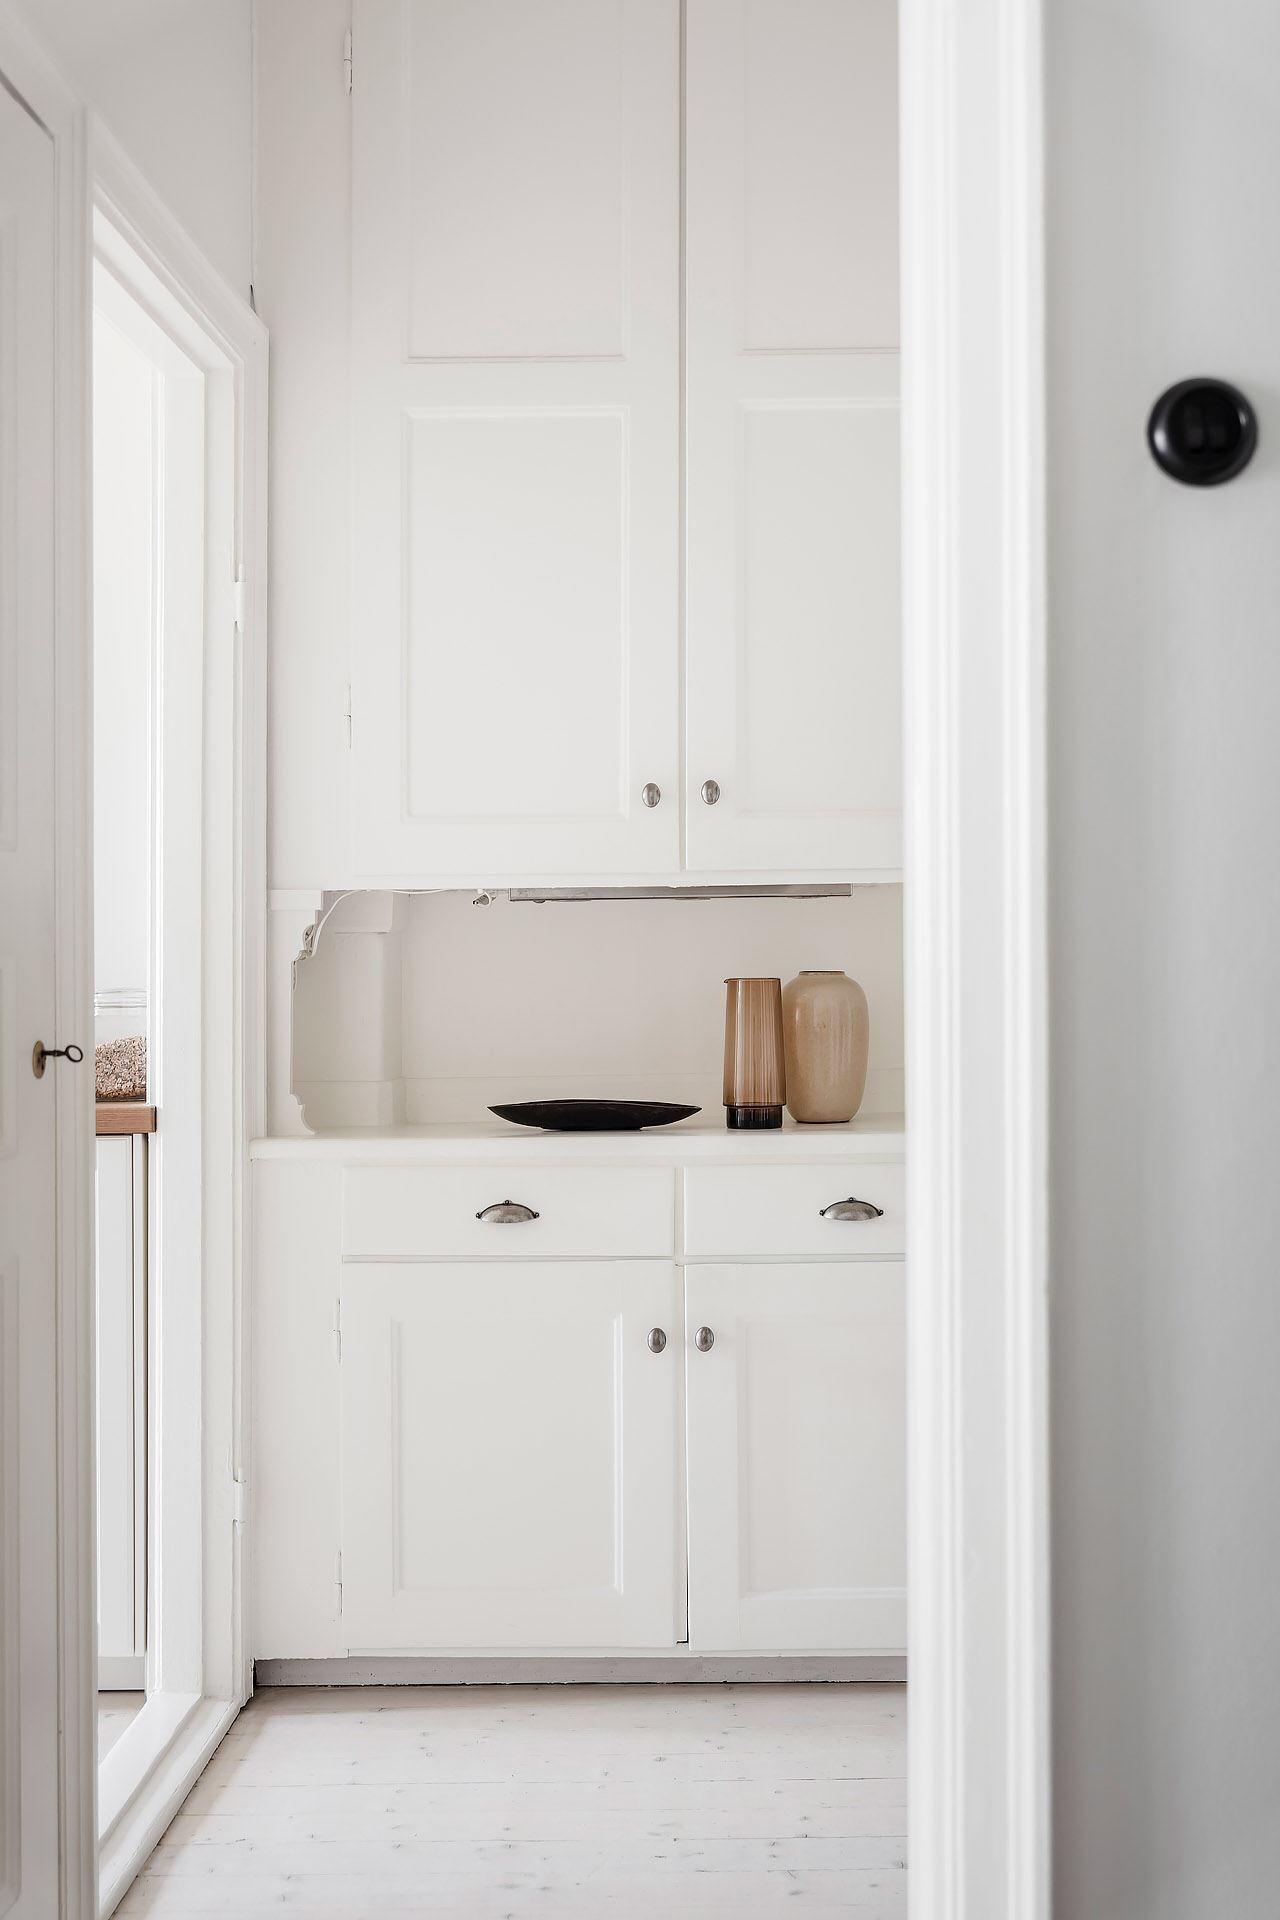 Cromatică relaxantă și decor scandinav într un apartament de 50 m² 20